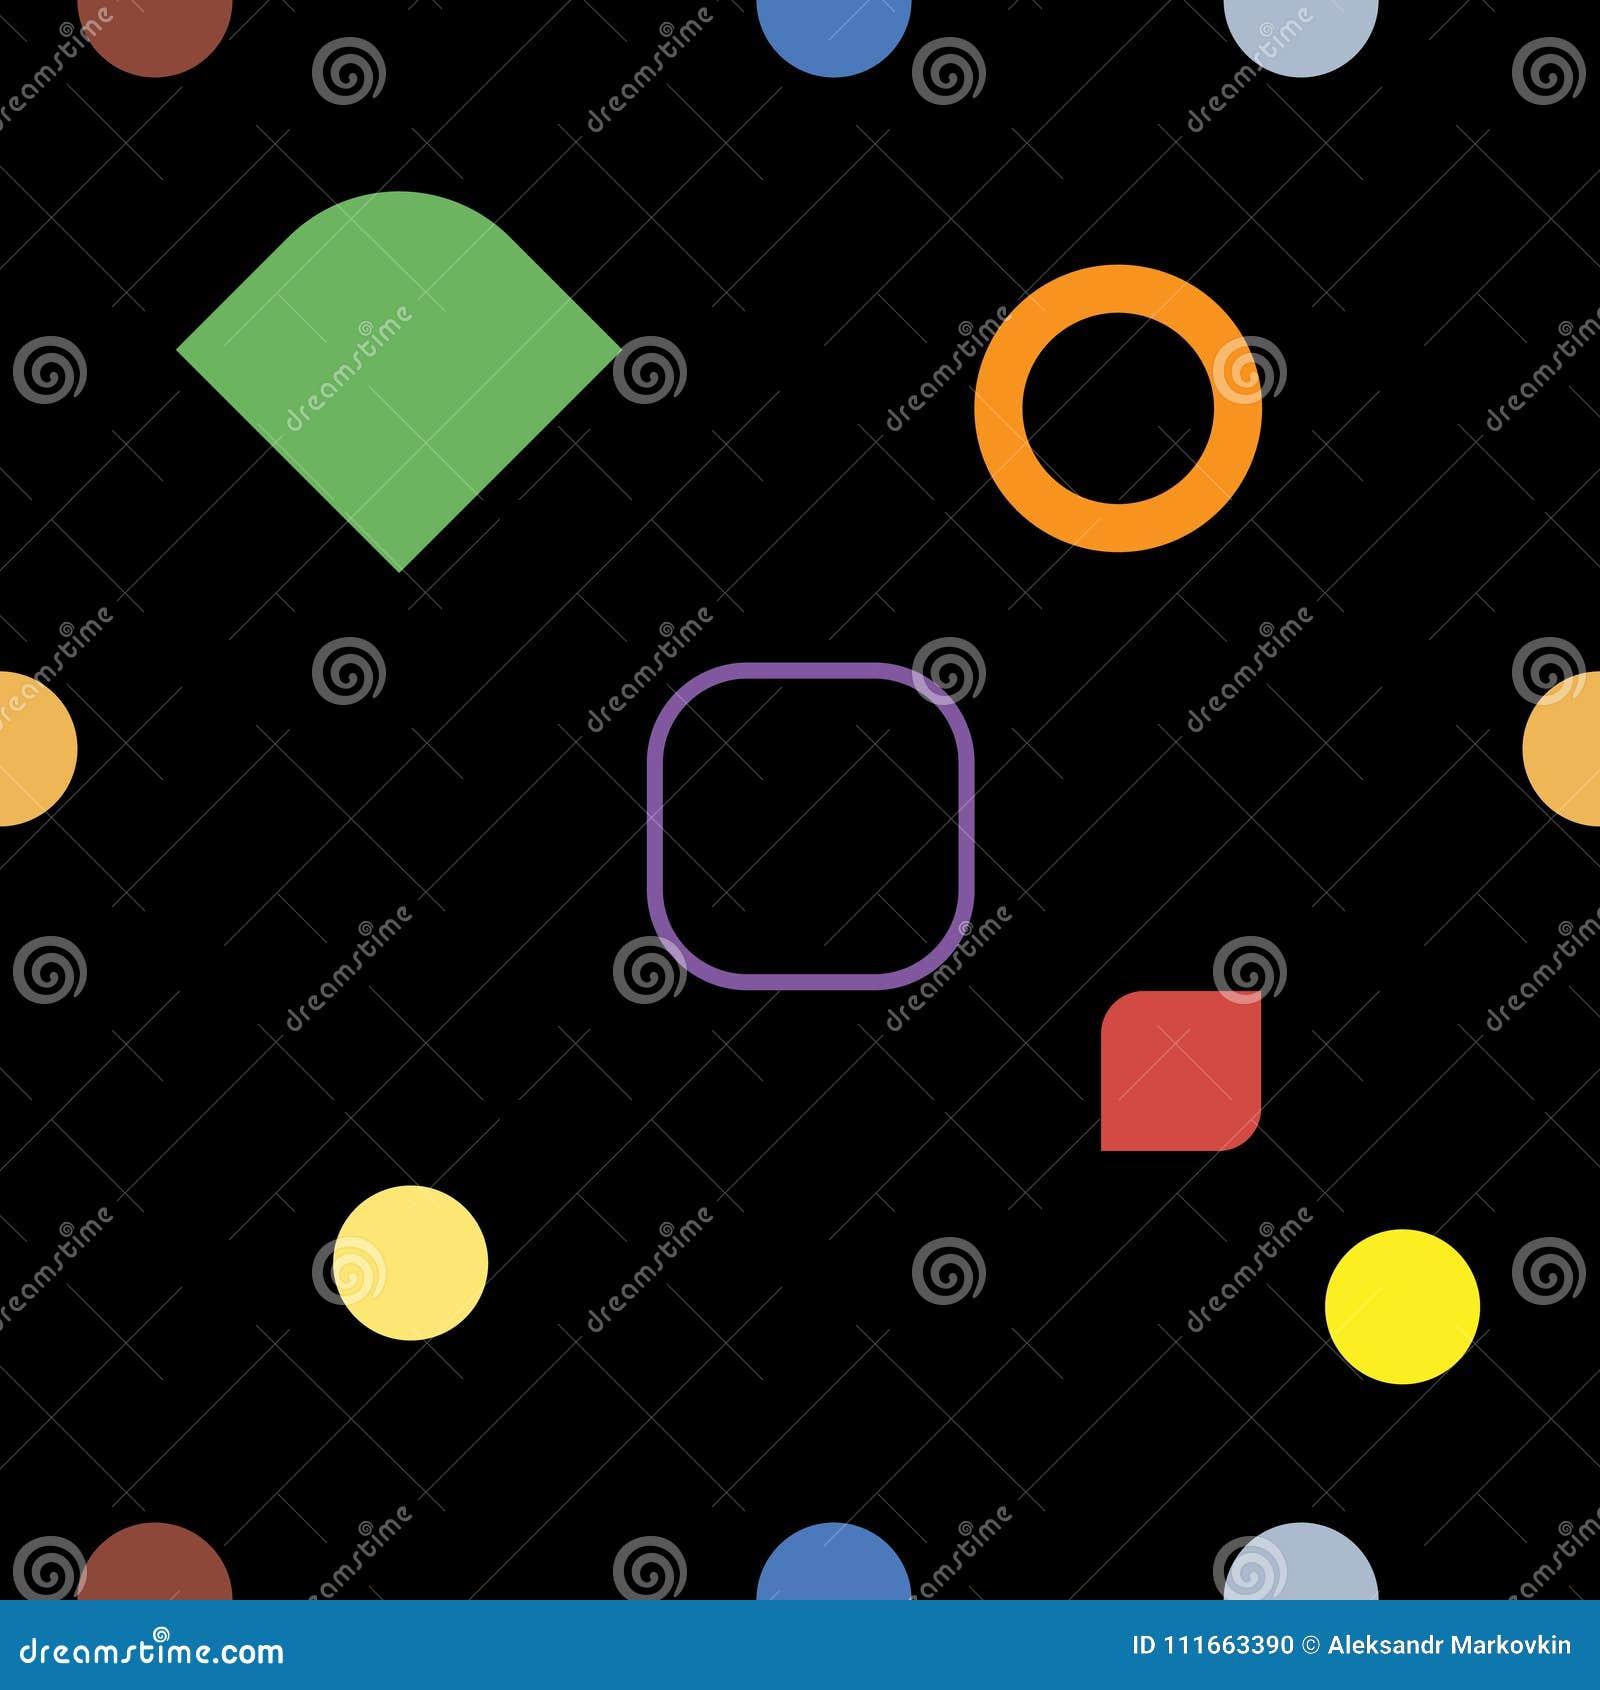 Svärta och färga den geometriska sömlösa modellen, vektor